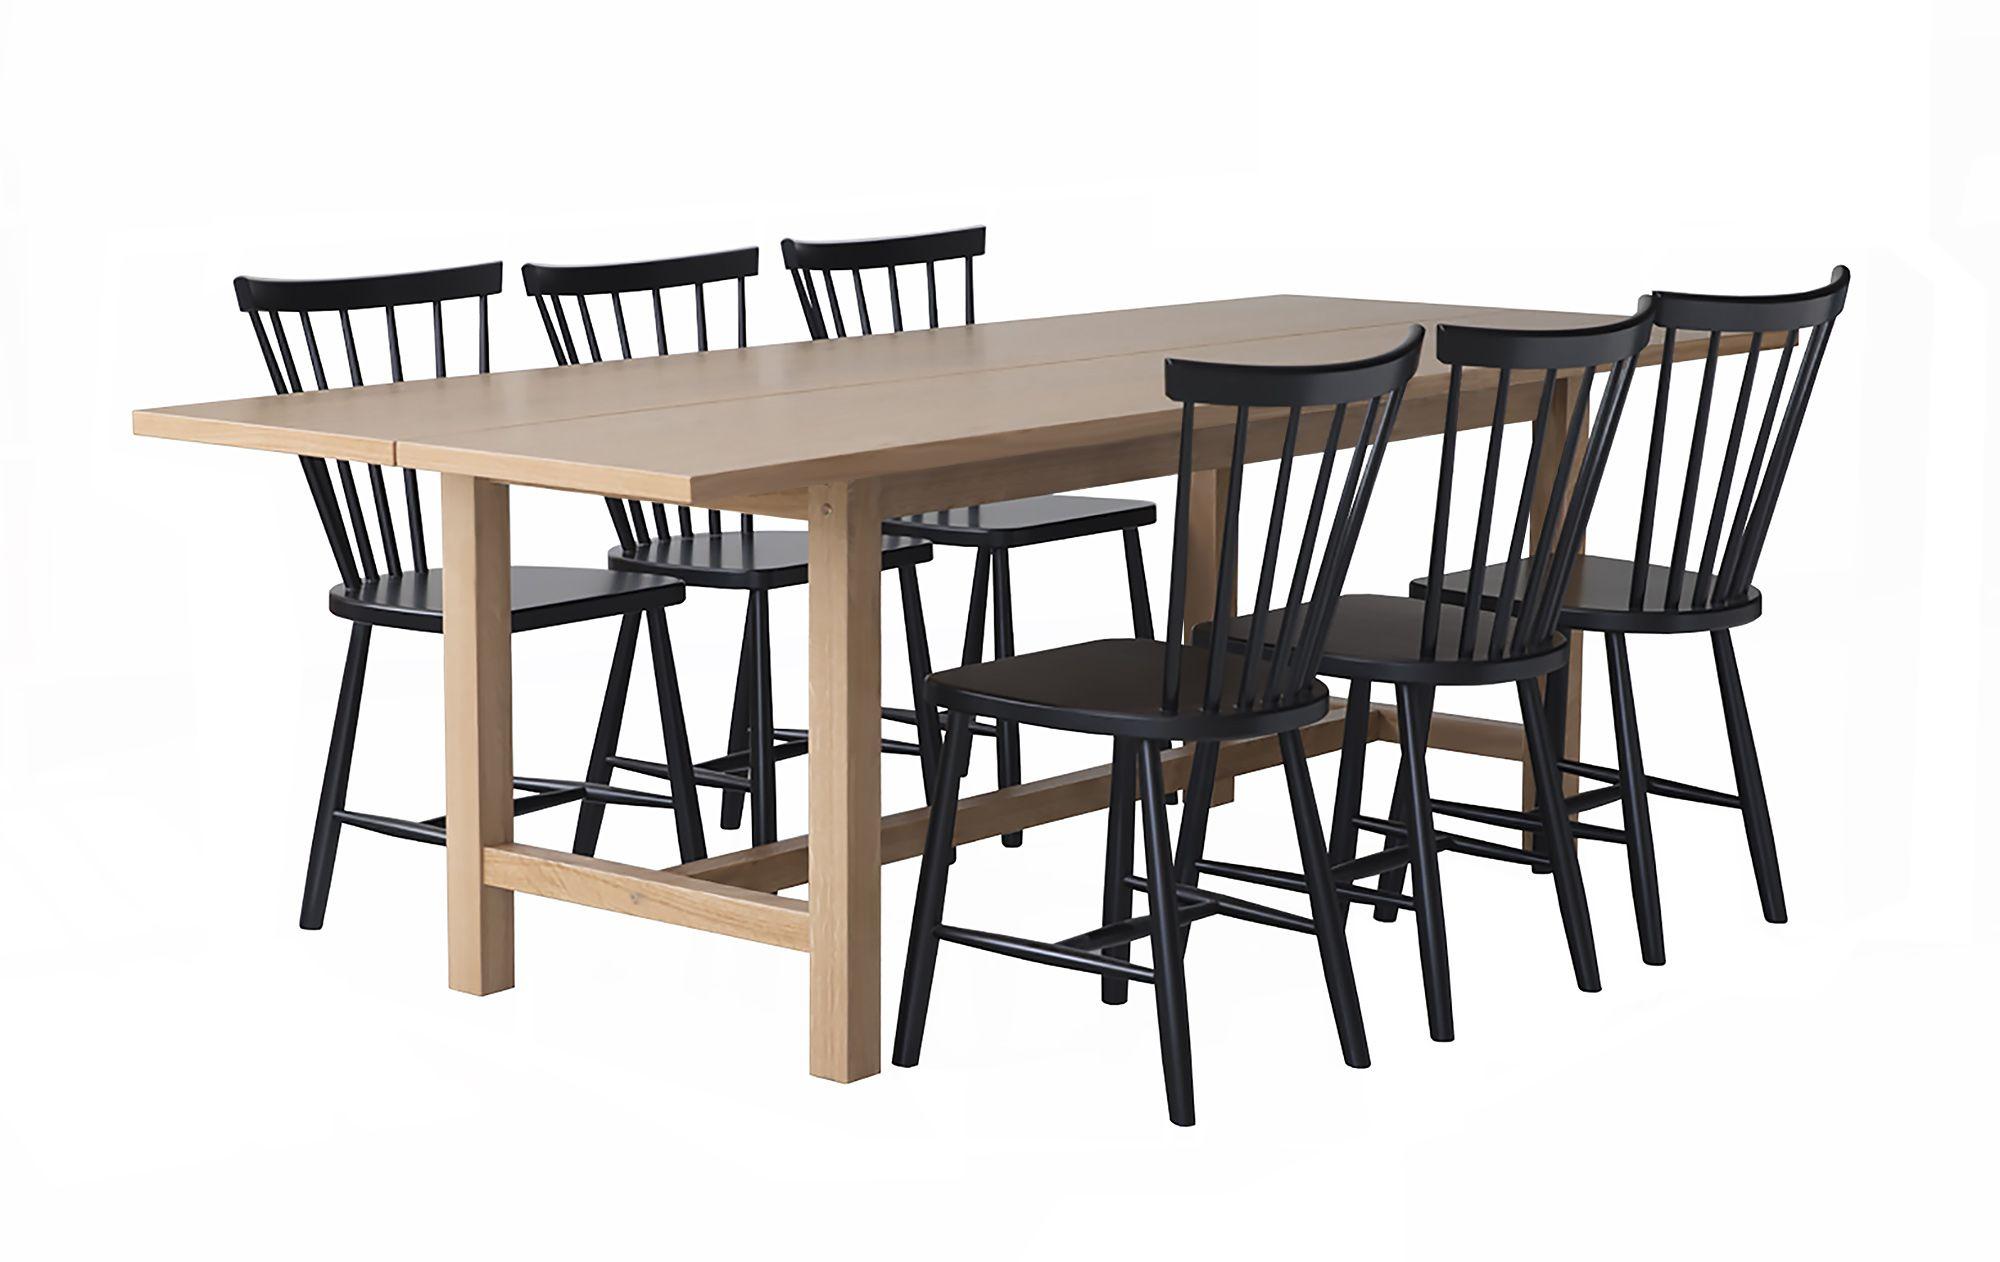 Livia ruokapöytä 230x90 ja 6 Emilia pinnatuolia, tammen värinen pöytä ja mustat tuolit